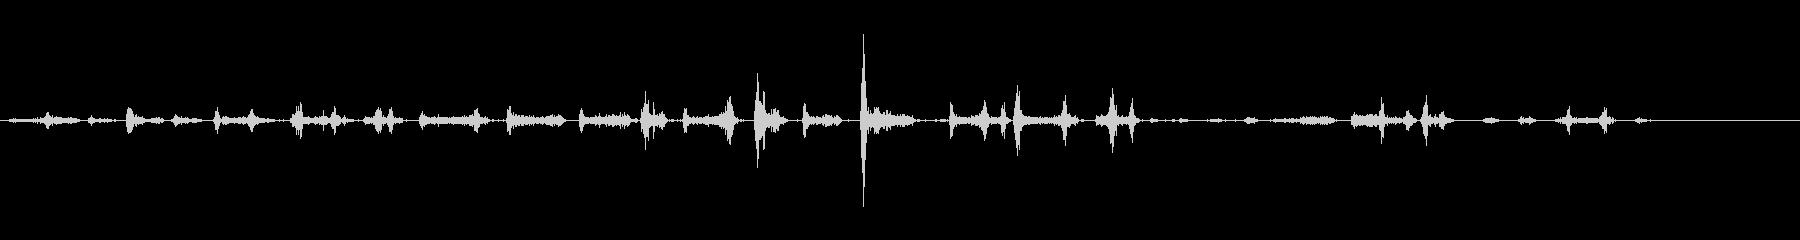 犬-グランテ-ブルテリア-アウトドアの未再生の波形